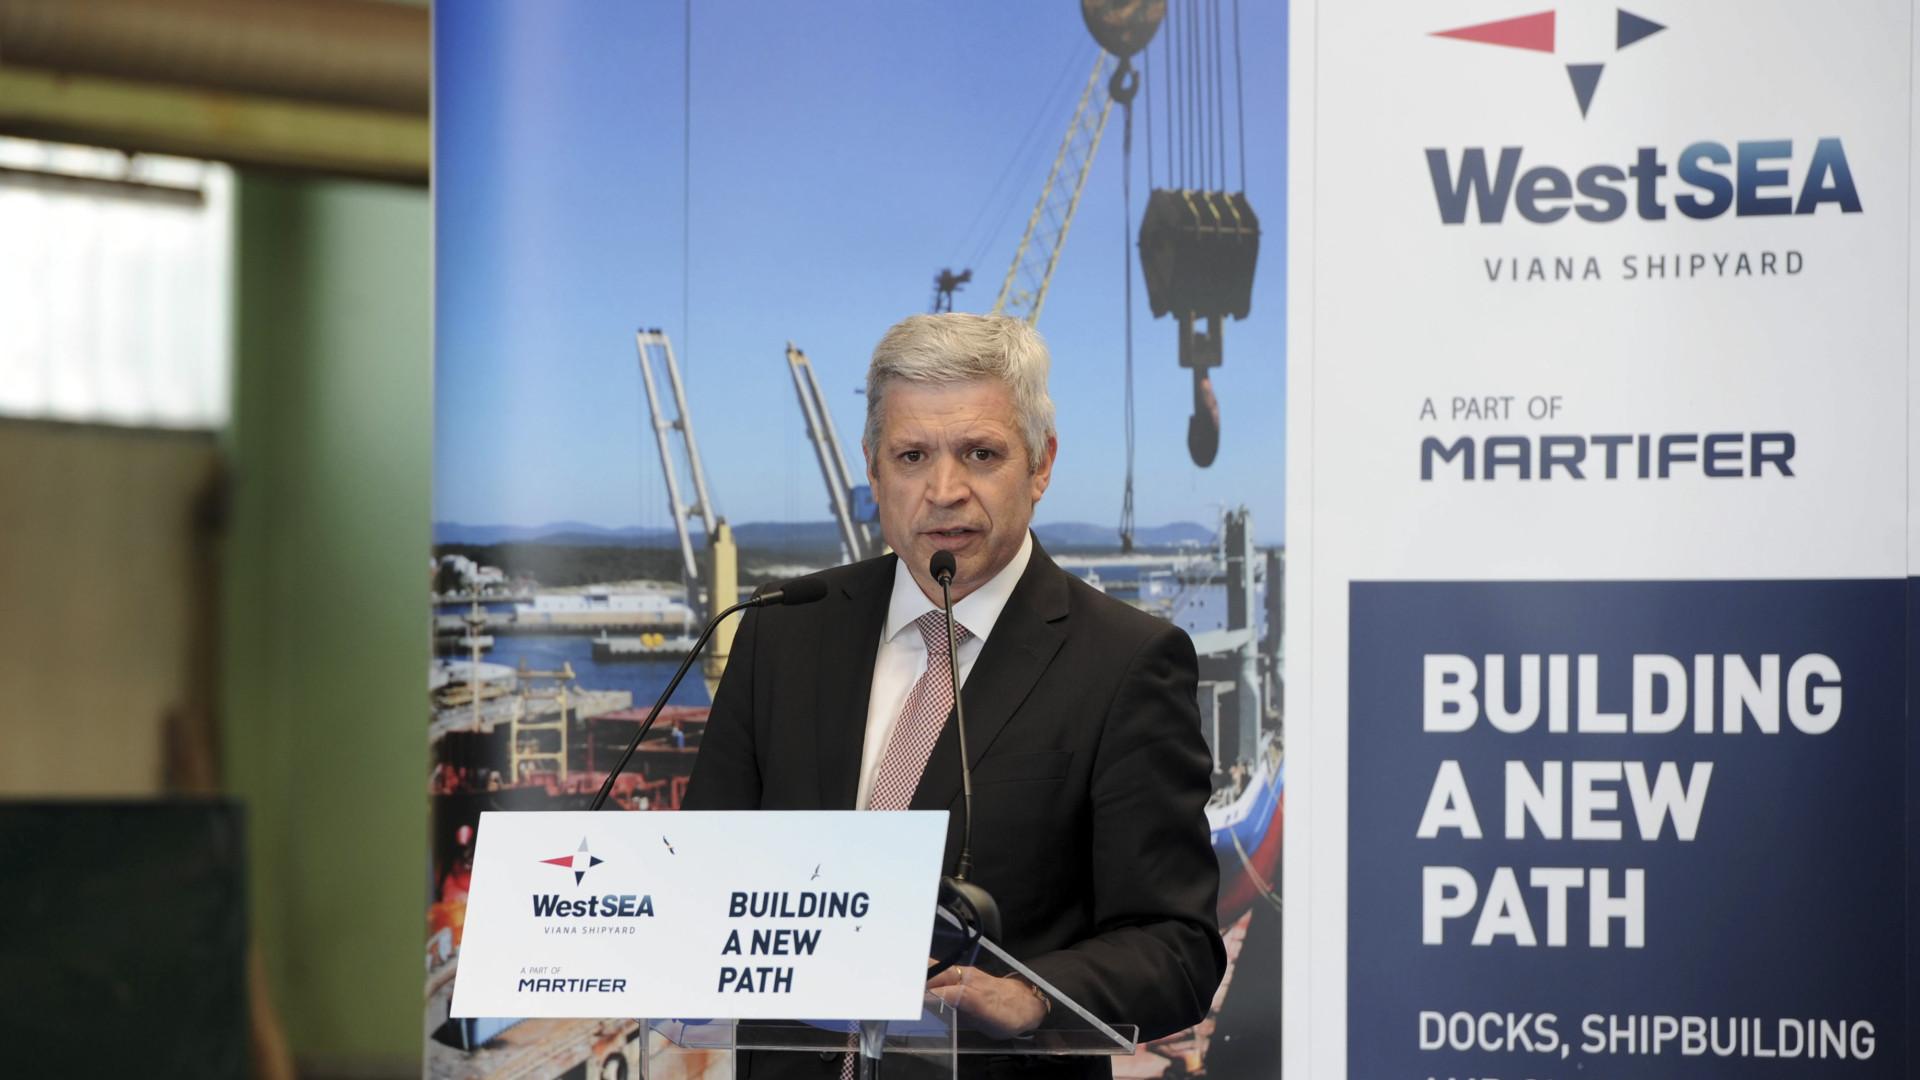 West Sea vai construir dois navios no valor de 118 milhões de euros